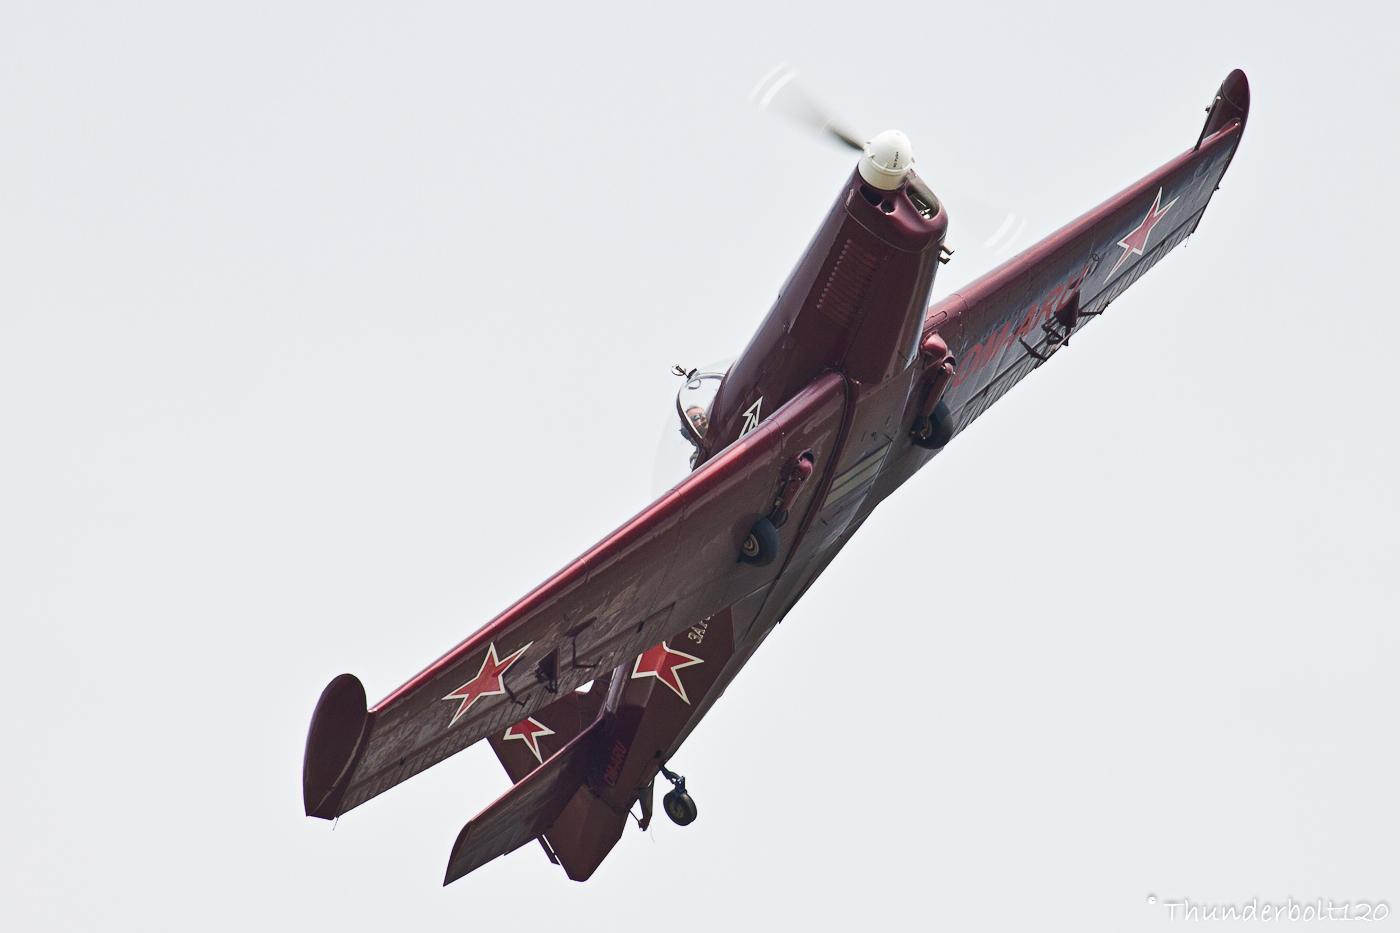 Zlin Z-526 AFS OM-ARU